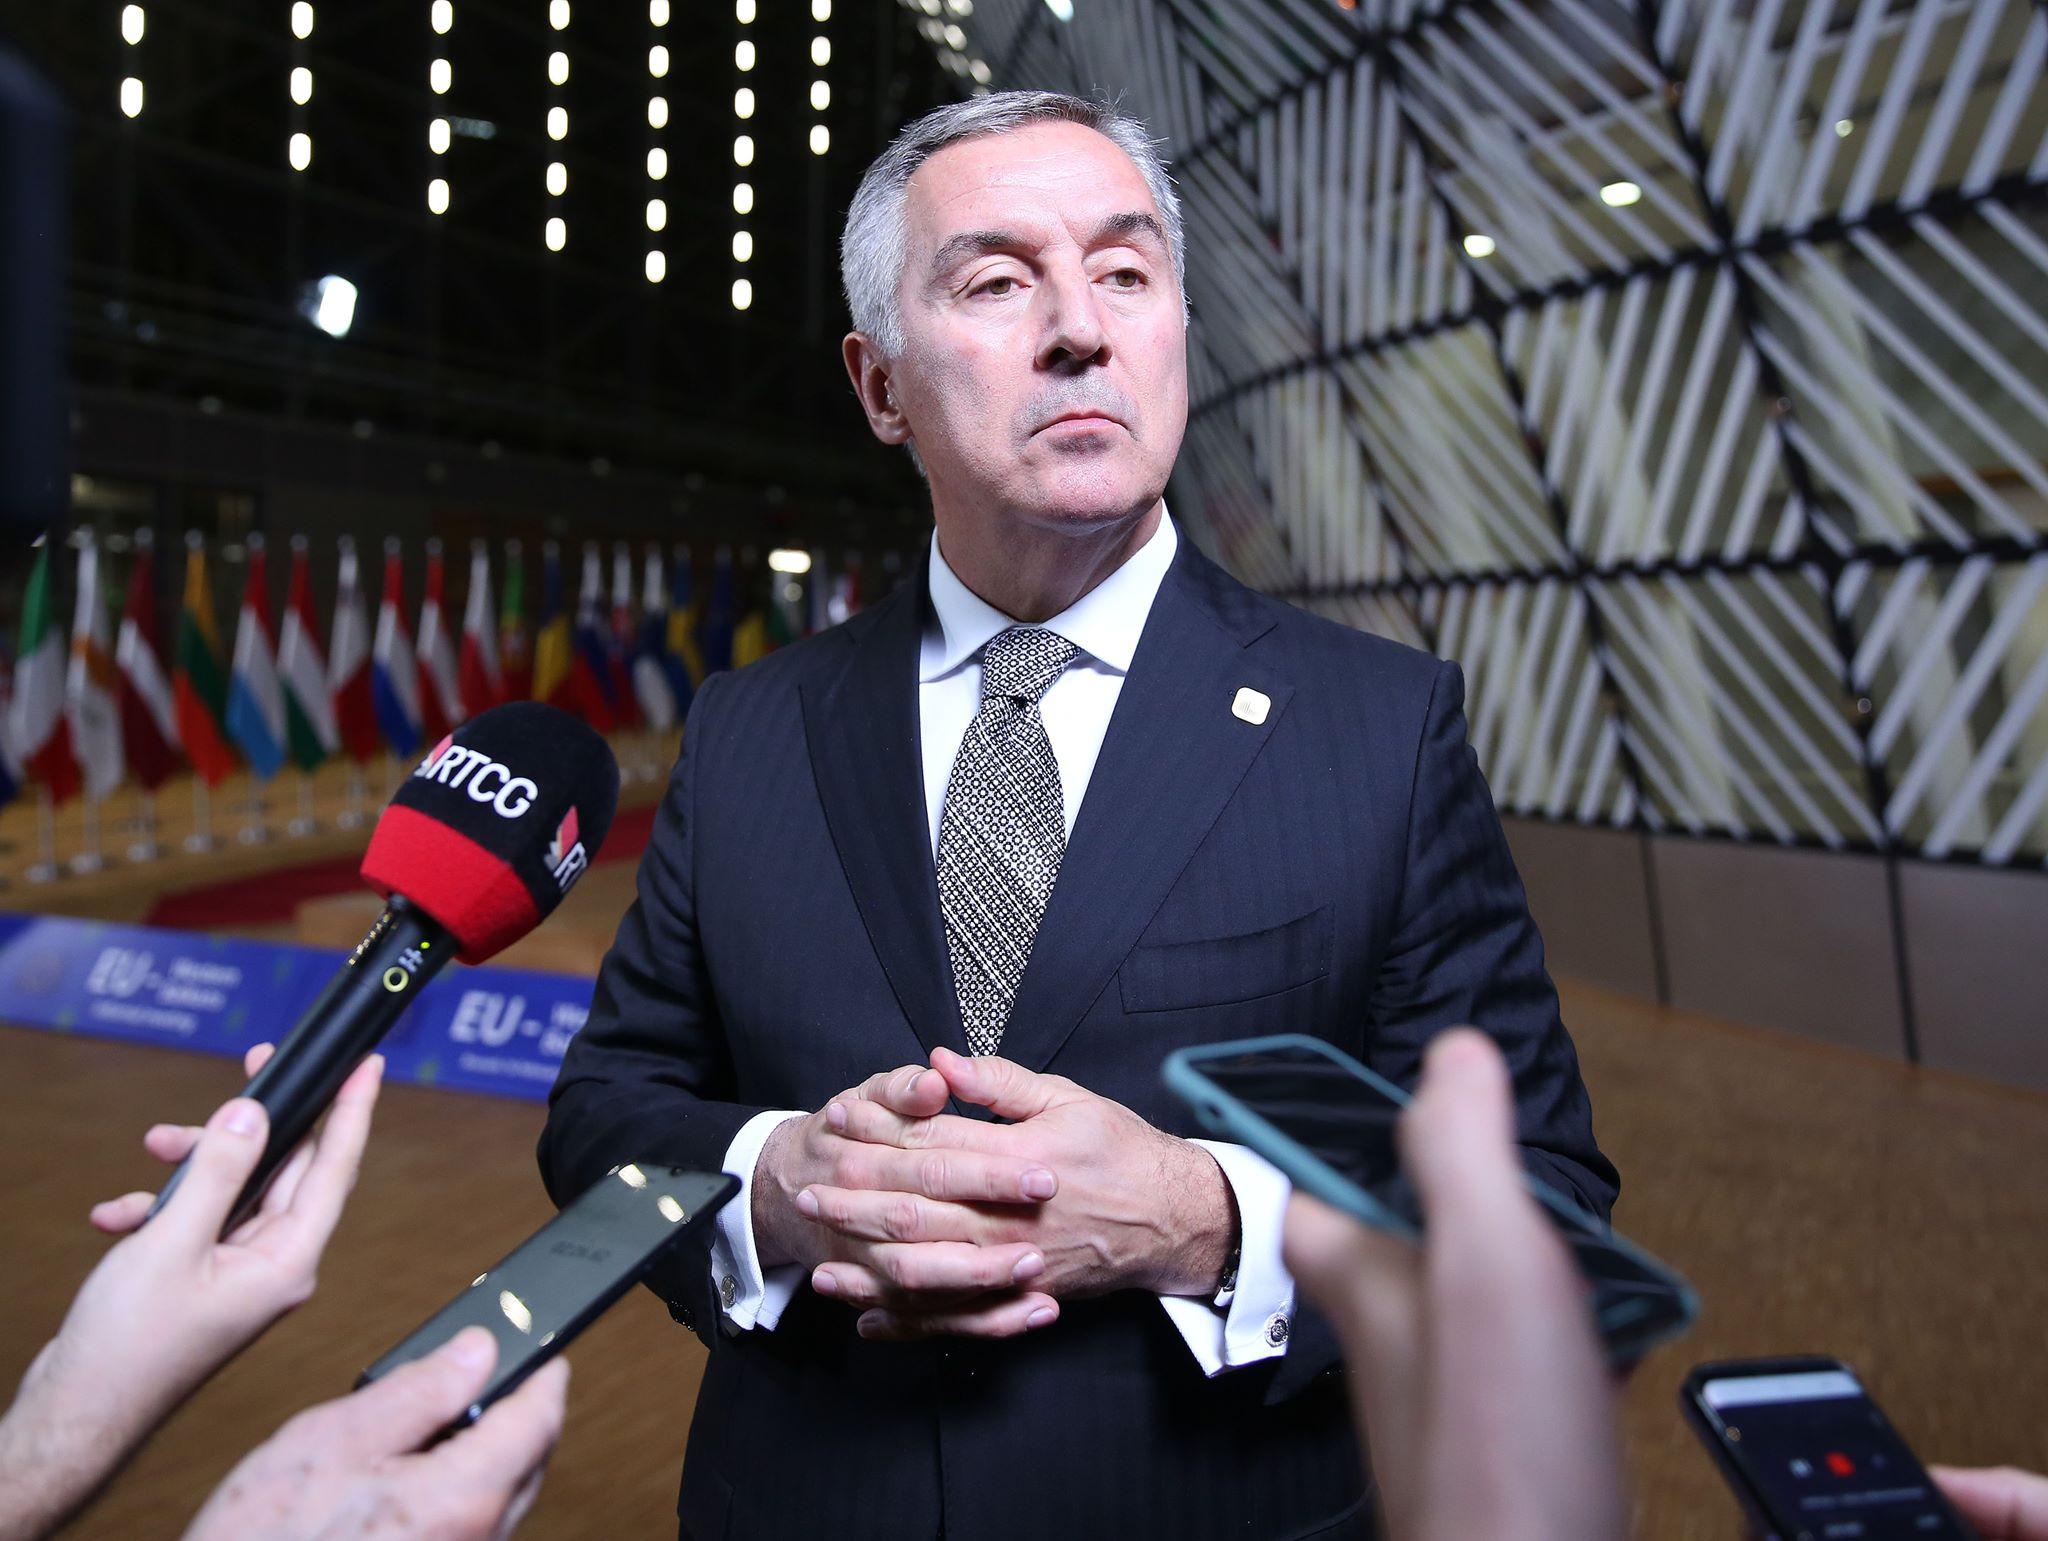 Ђукановић: Великосрбски национализам није од јуче, то појава која траје вјековима